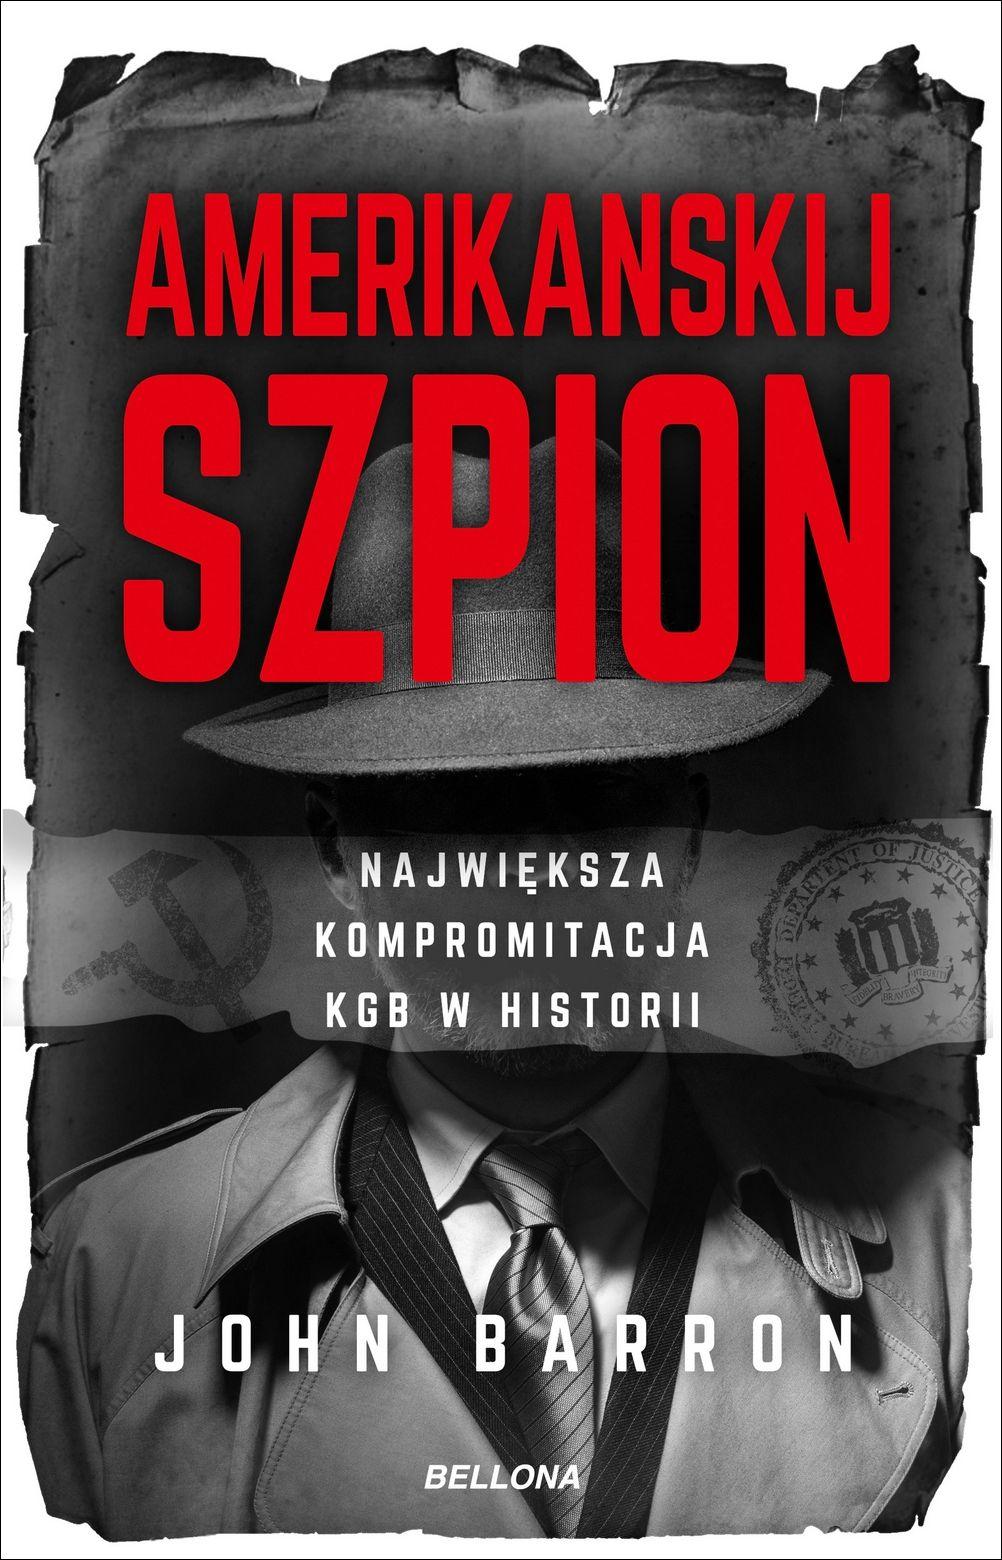 Amerikanskij szpion - John Barron